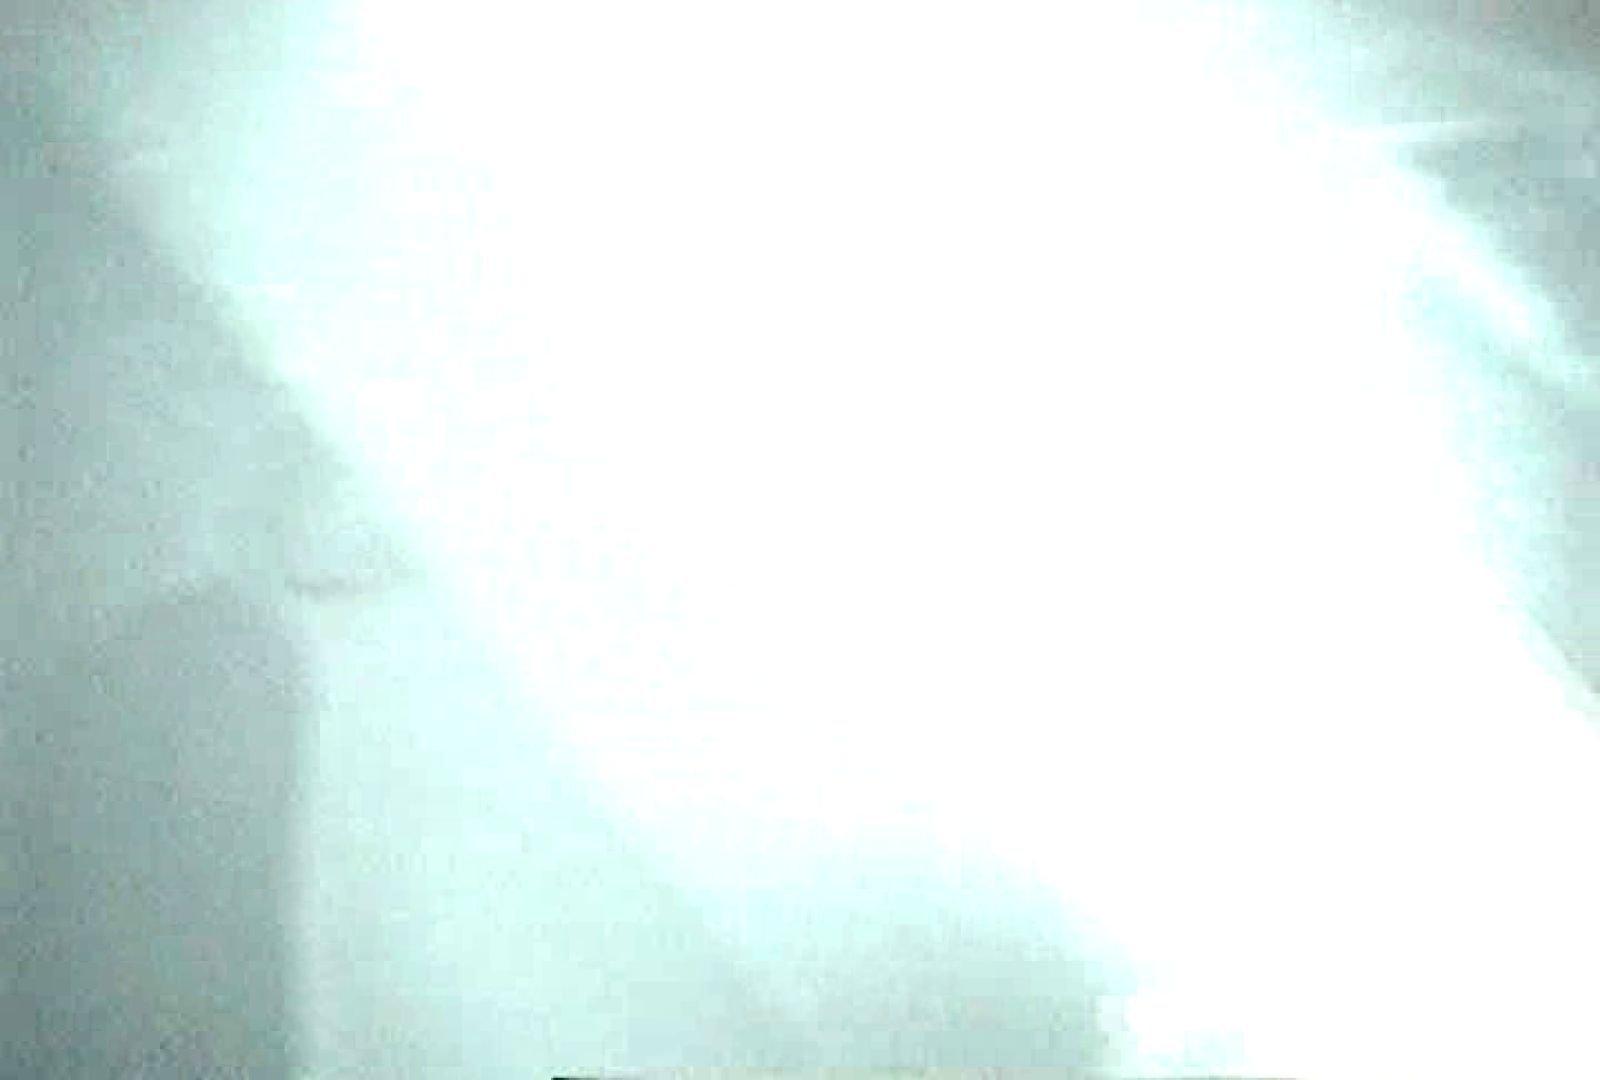 充血監督の深夜の運動会Vol.49 エロティックなOL 戯れ無修正画像 83画像 62